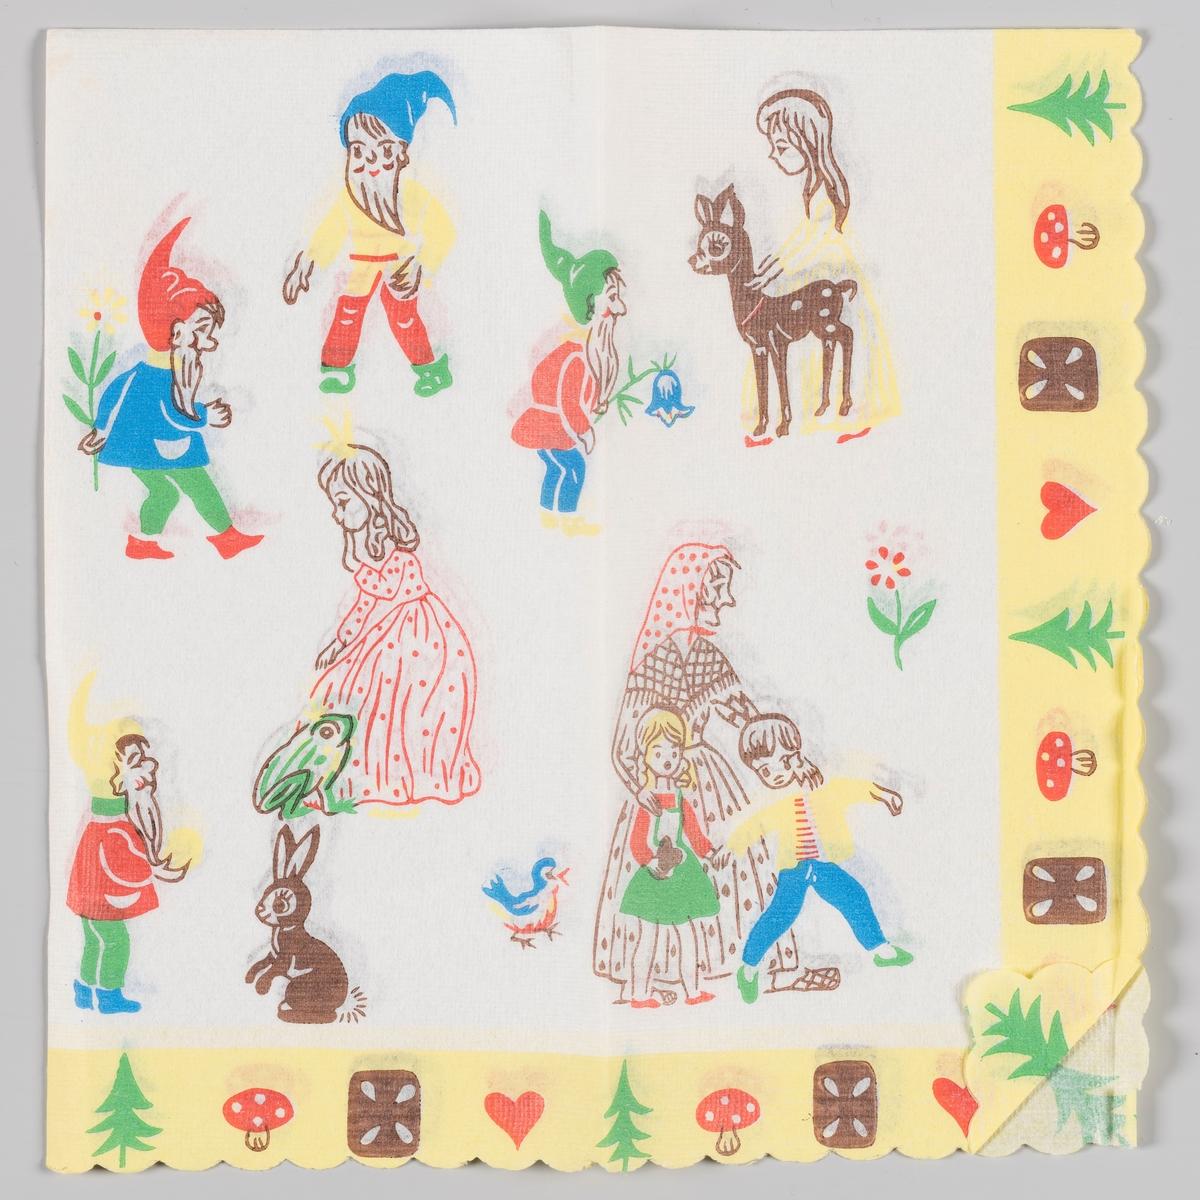 Scener fra eventyr. Snøhvite og dverger. Froskeprinsen og prinsessen. Hans, Grete og heksen. Gul bord langs kanten med trær, sopp, kaker og hjerter.